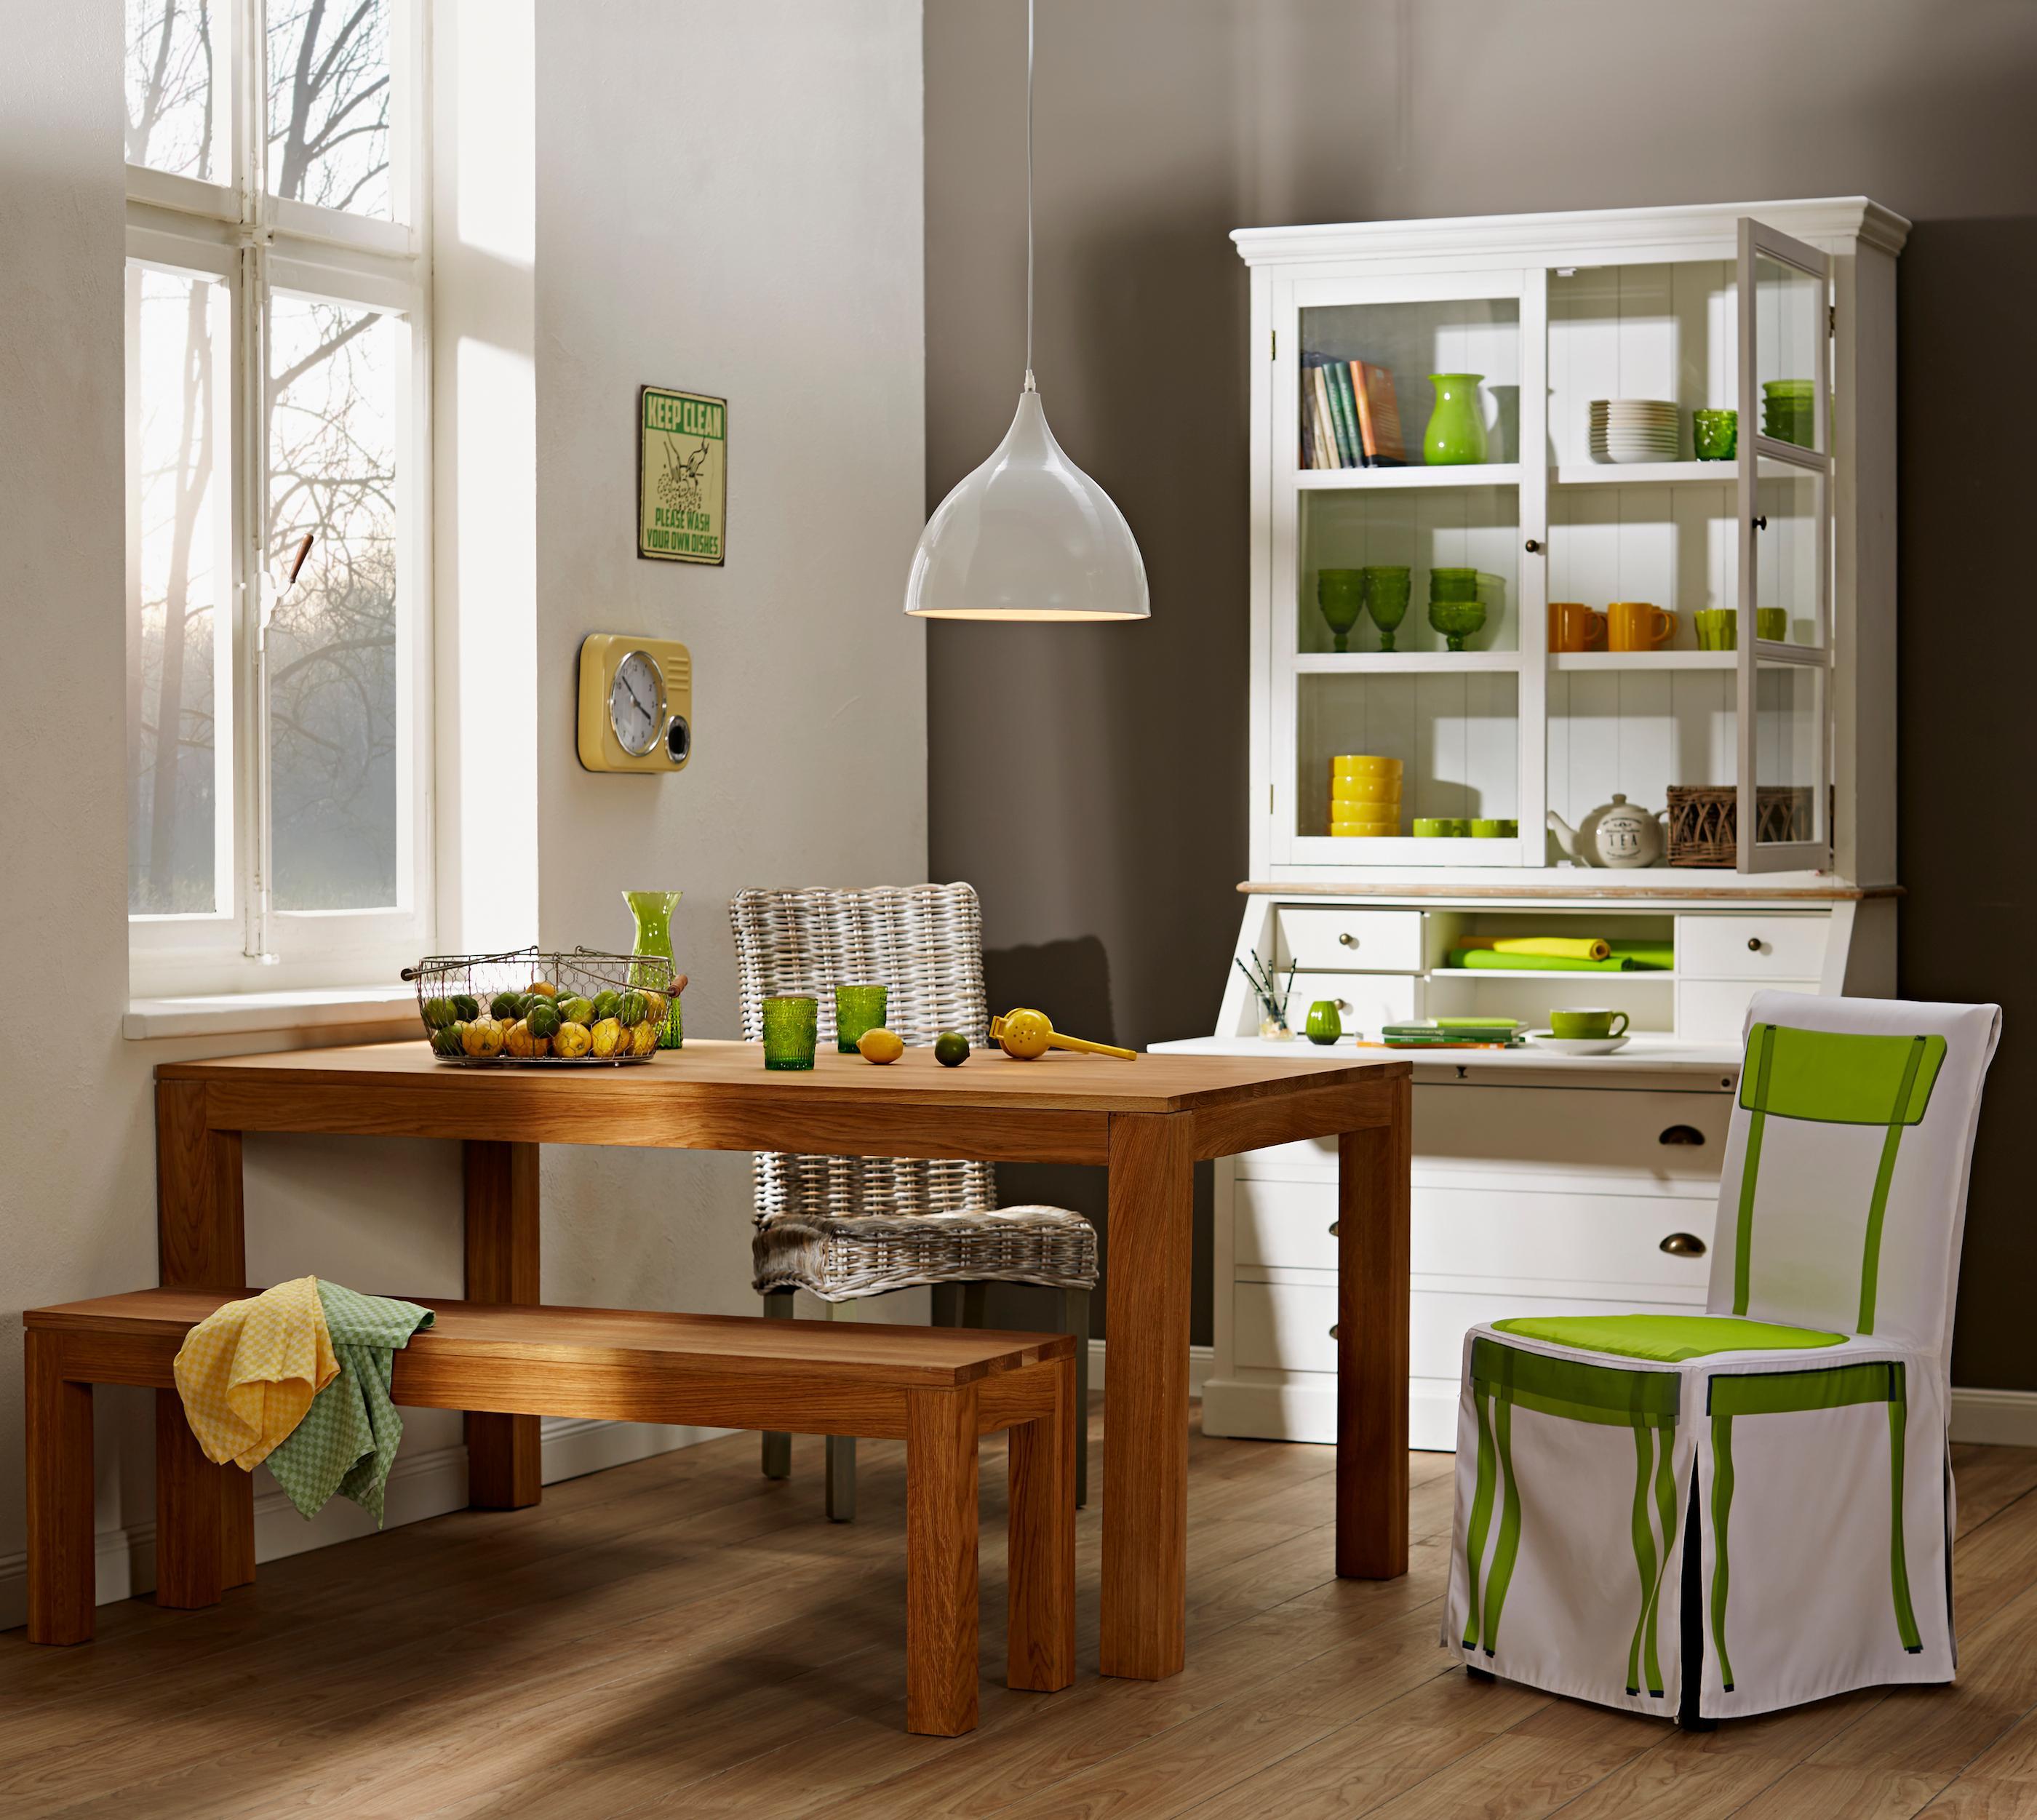 Küchenstyling BUTLERS Set Design By Rasa En Détail #küche #wandfarbe  #esstisch #holzbank